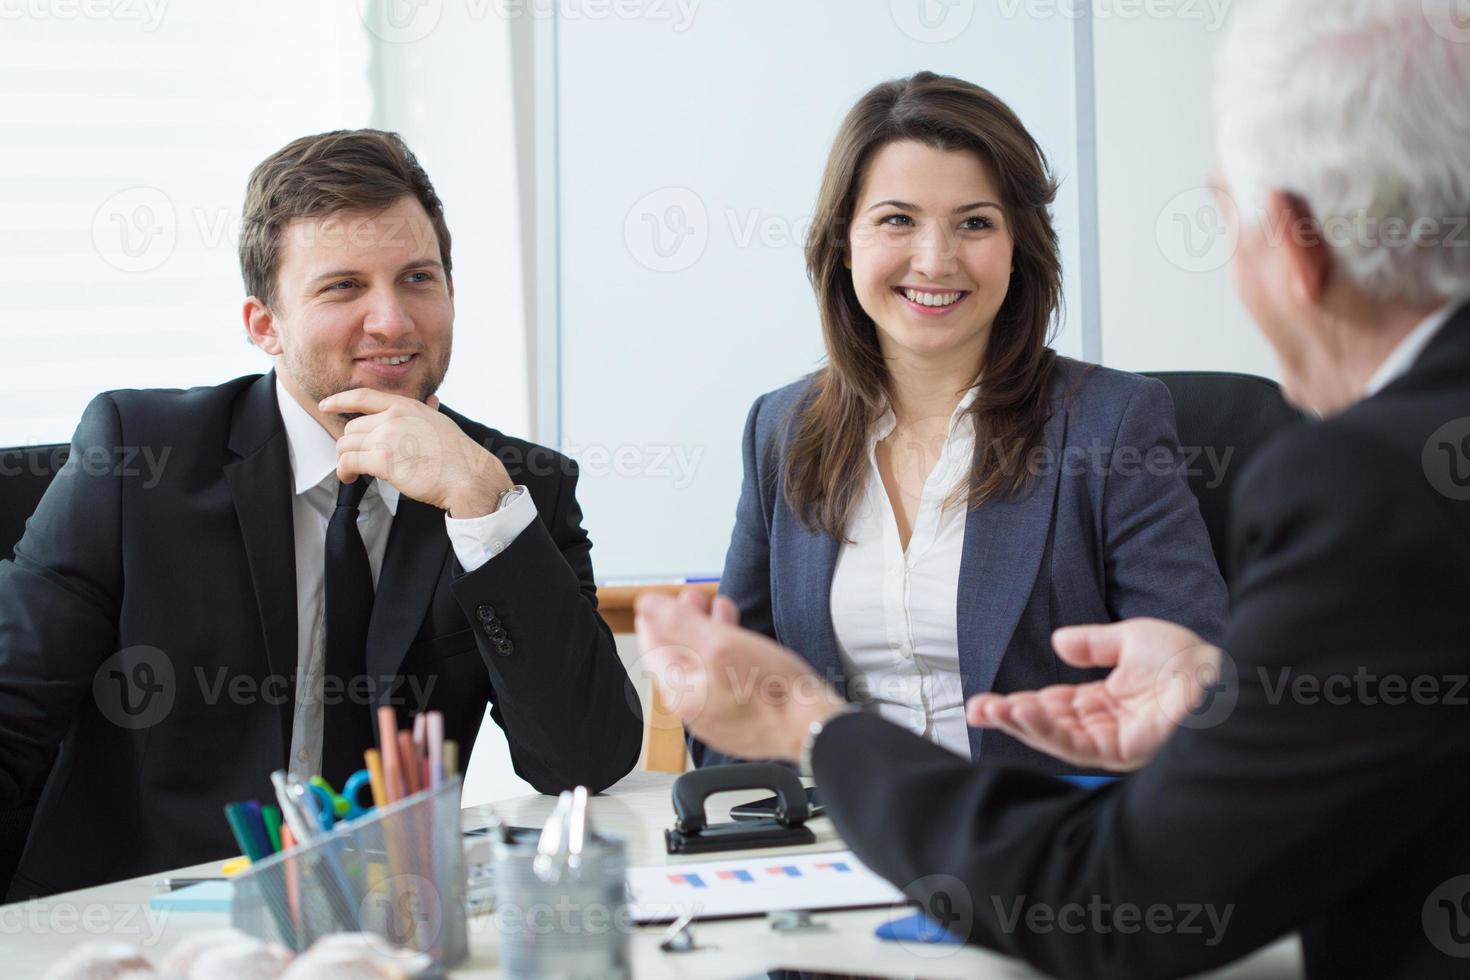 homme souriant et femme écoutant parler homme plus âgé photo